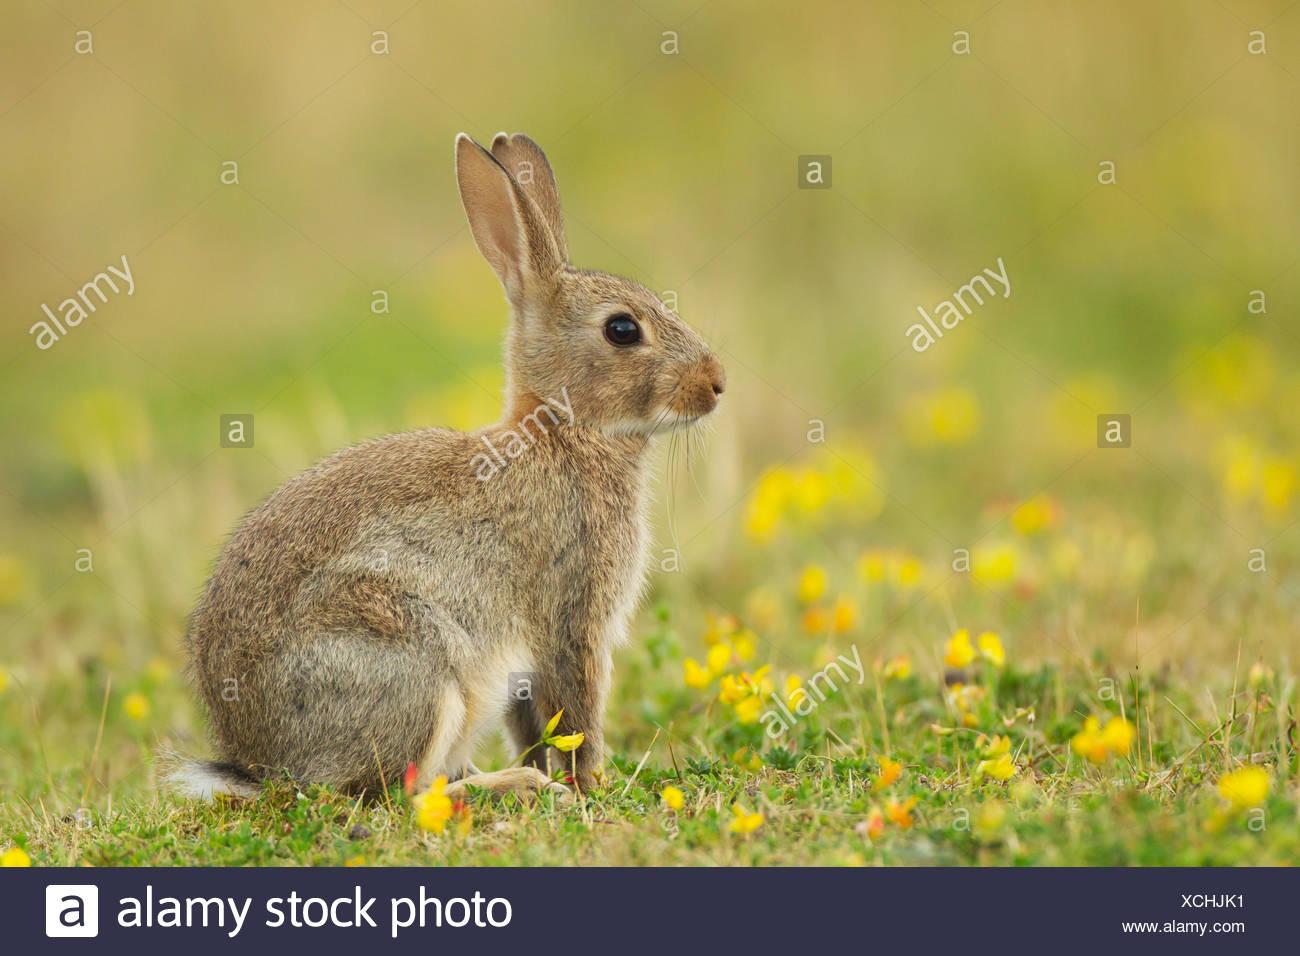 El conejo europeo o conejo (Oryctolagus cunniculus común), el animal joven con flores amarillas, en Suffolk, Reino Unido Imagen De Stock